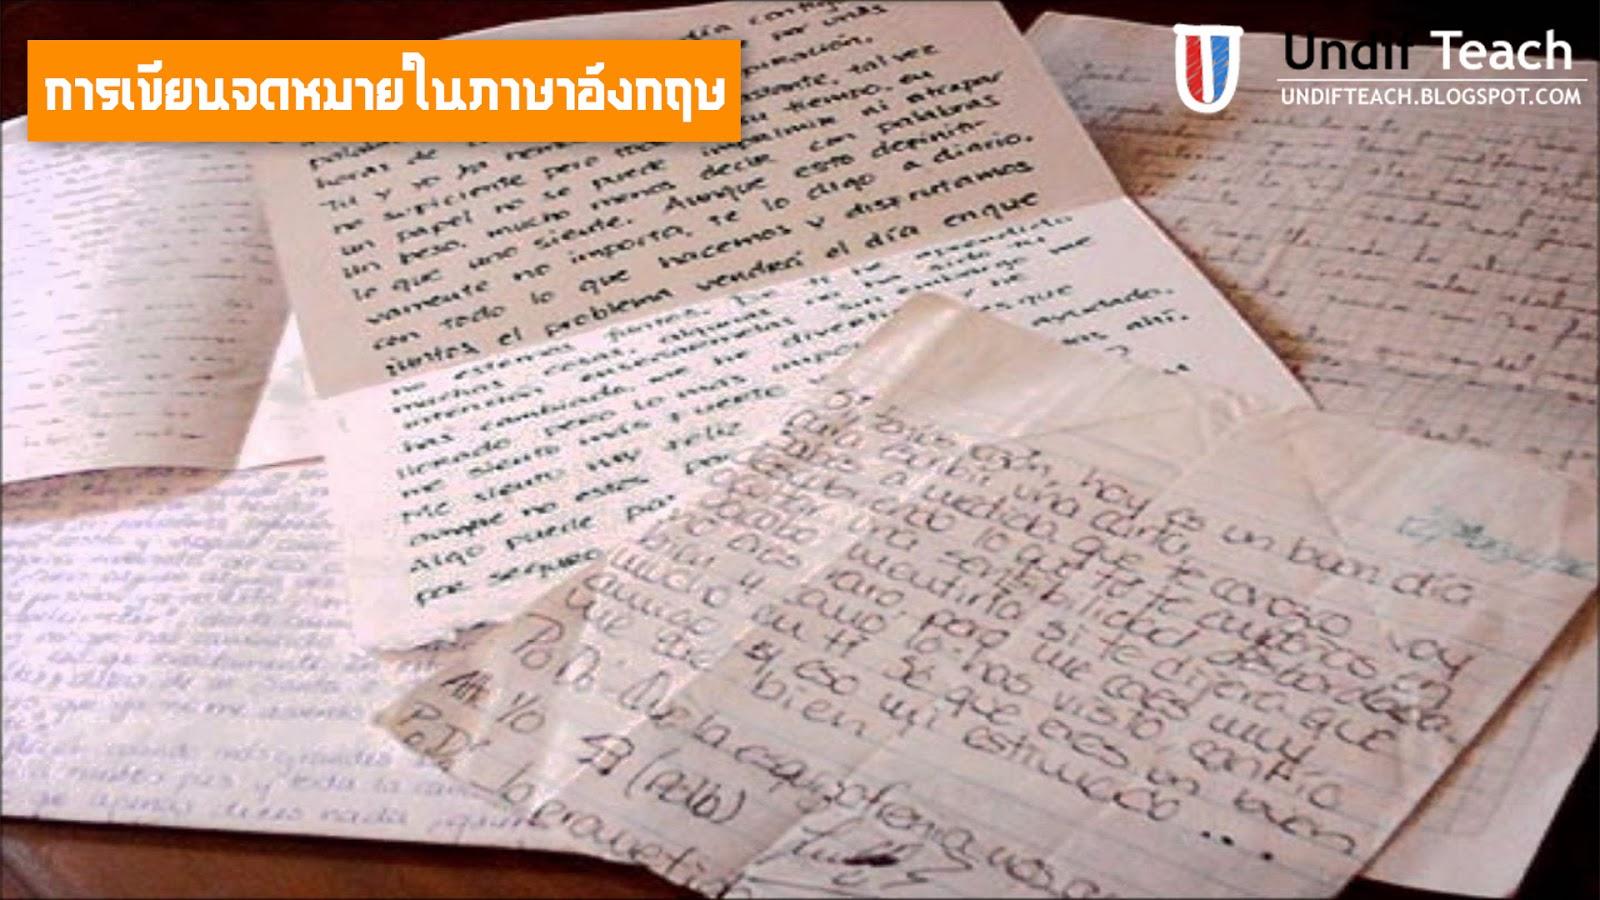 Tip การเขียนจดหมายในภาษาอังกฤษ